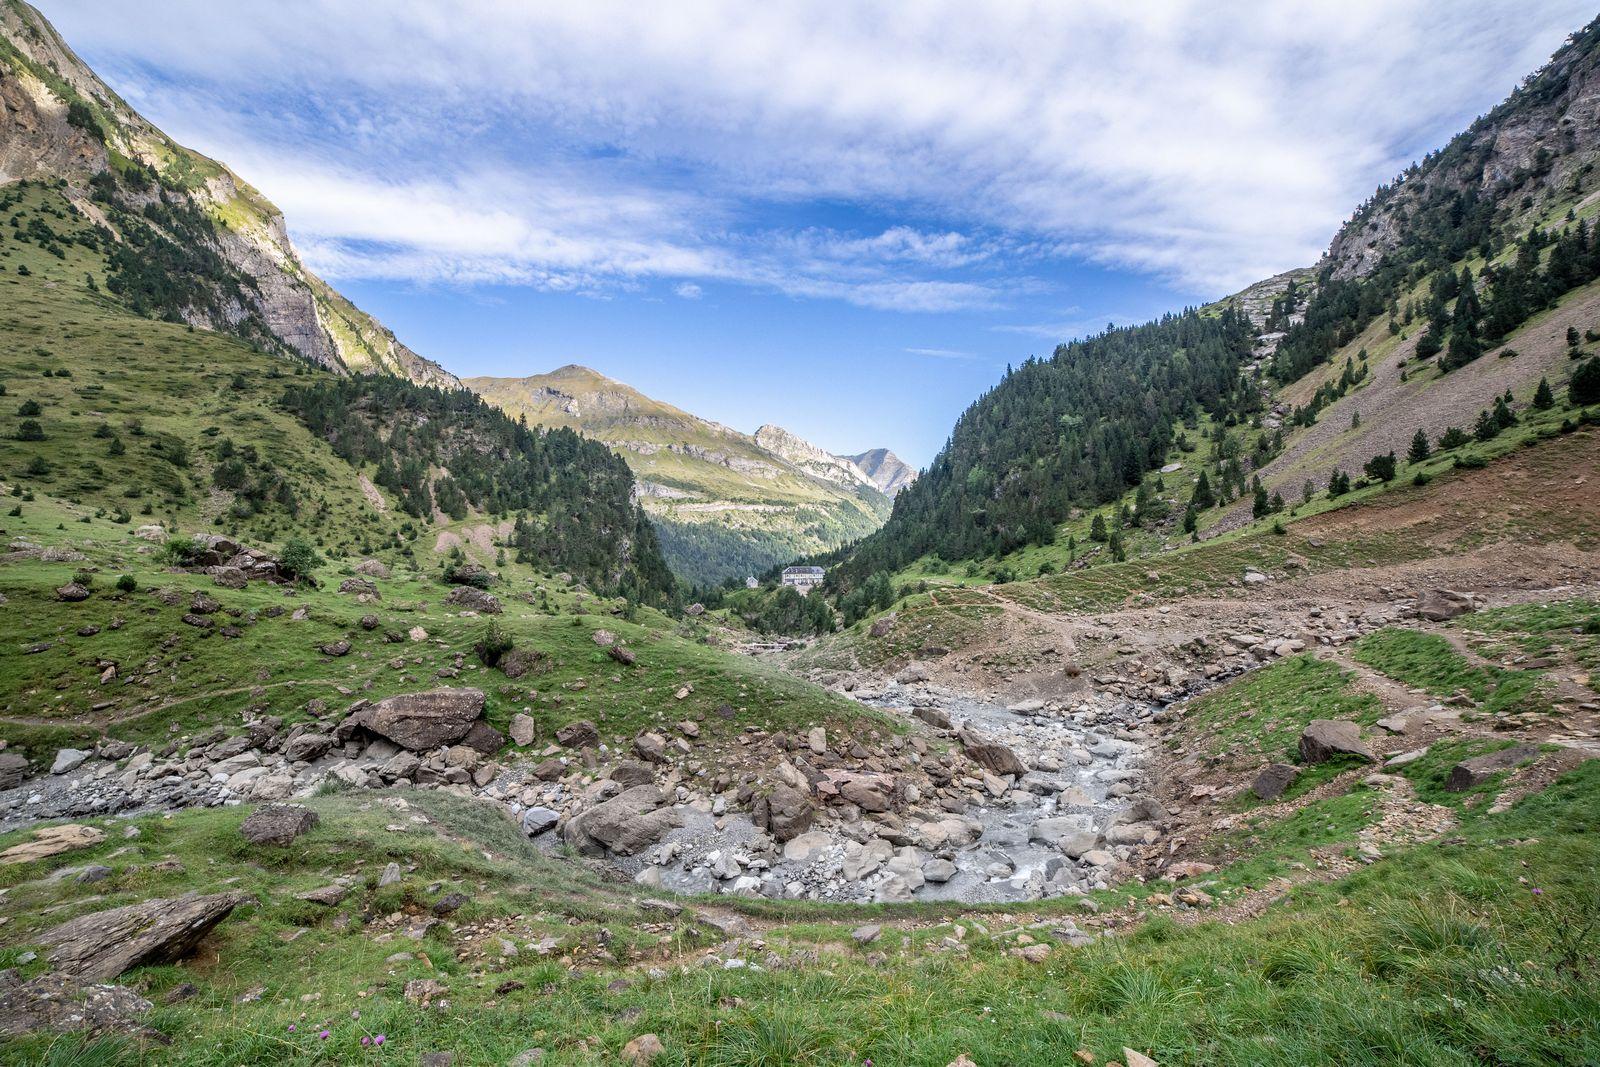 El valle que dejamos atrás